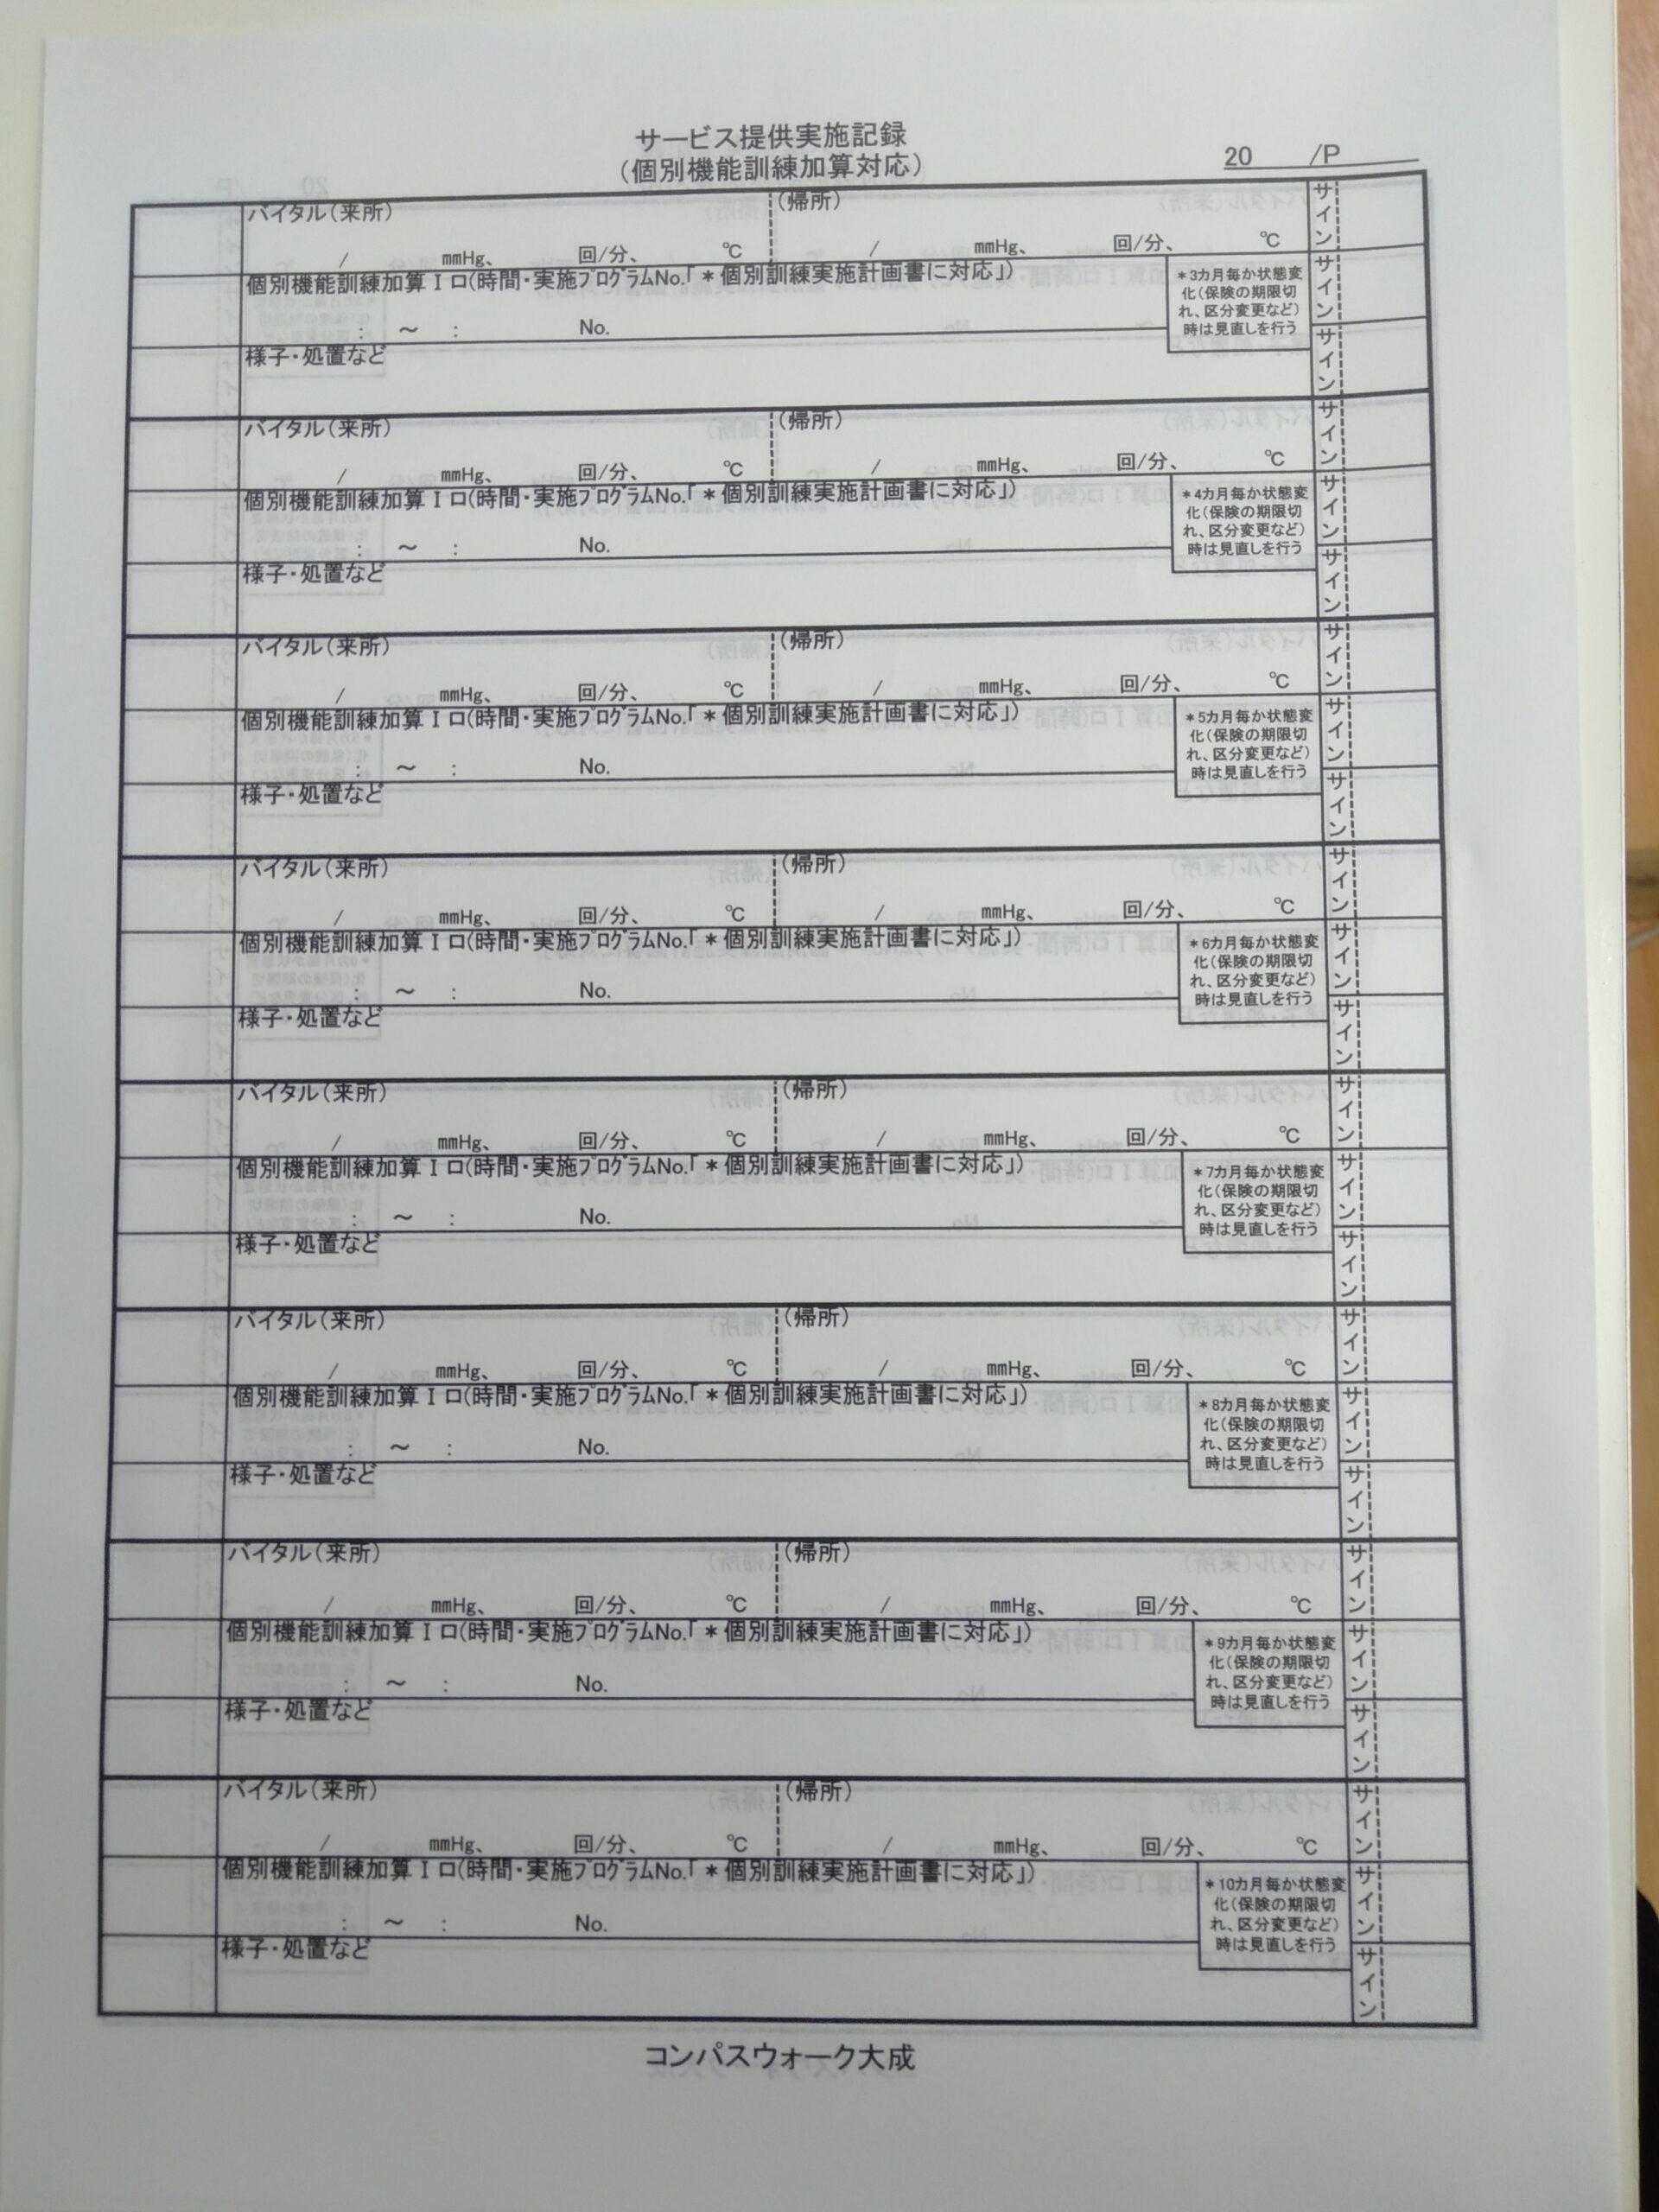 サービス提供実施記録の書き方